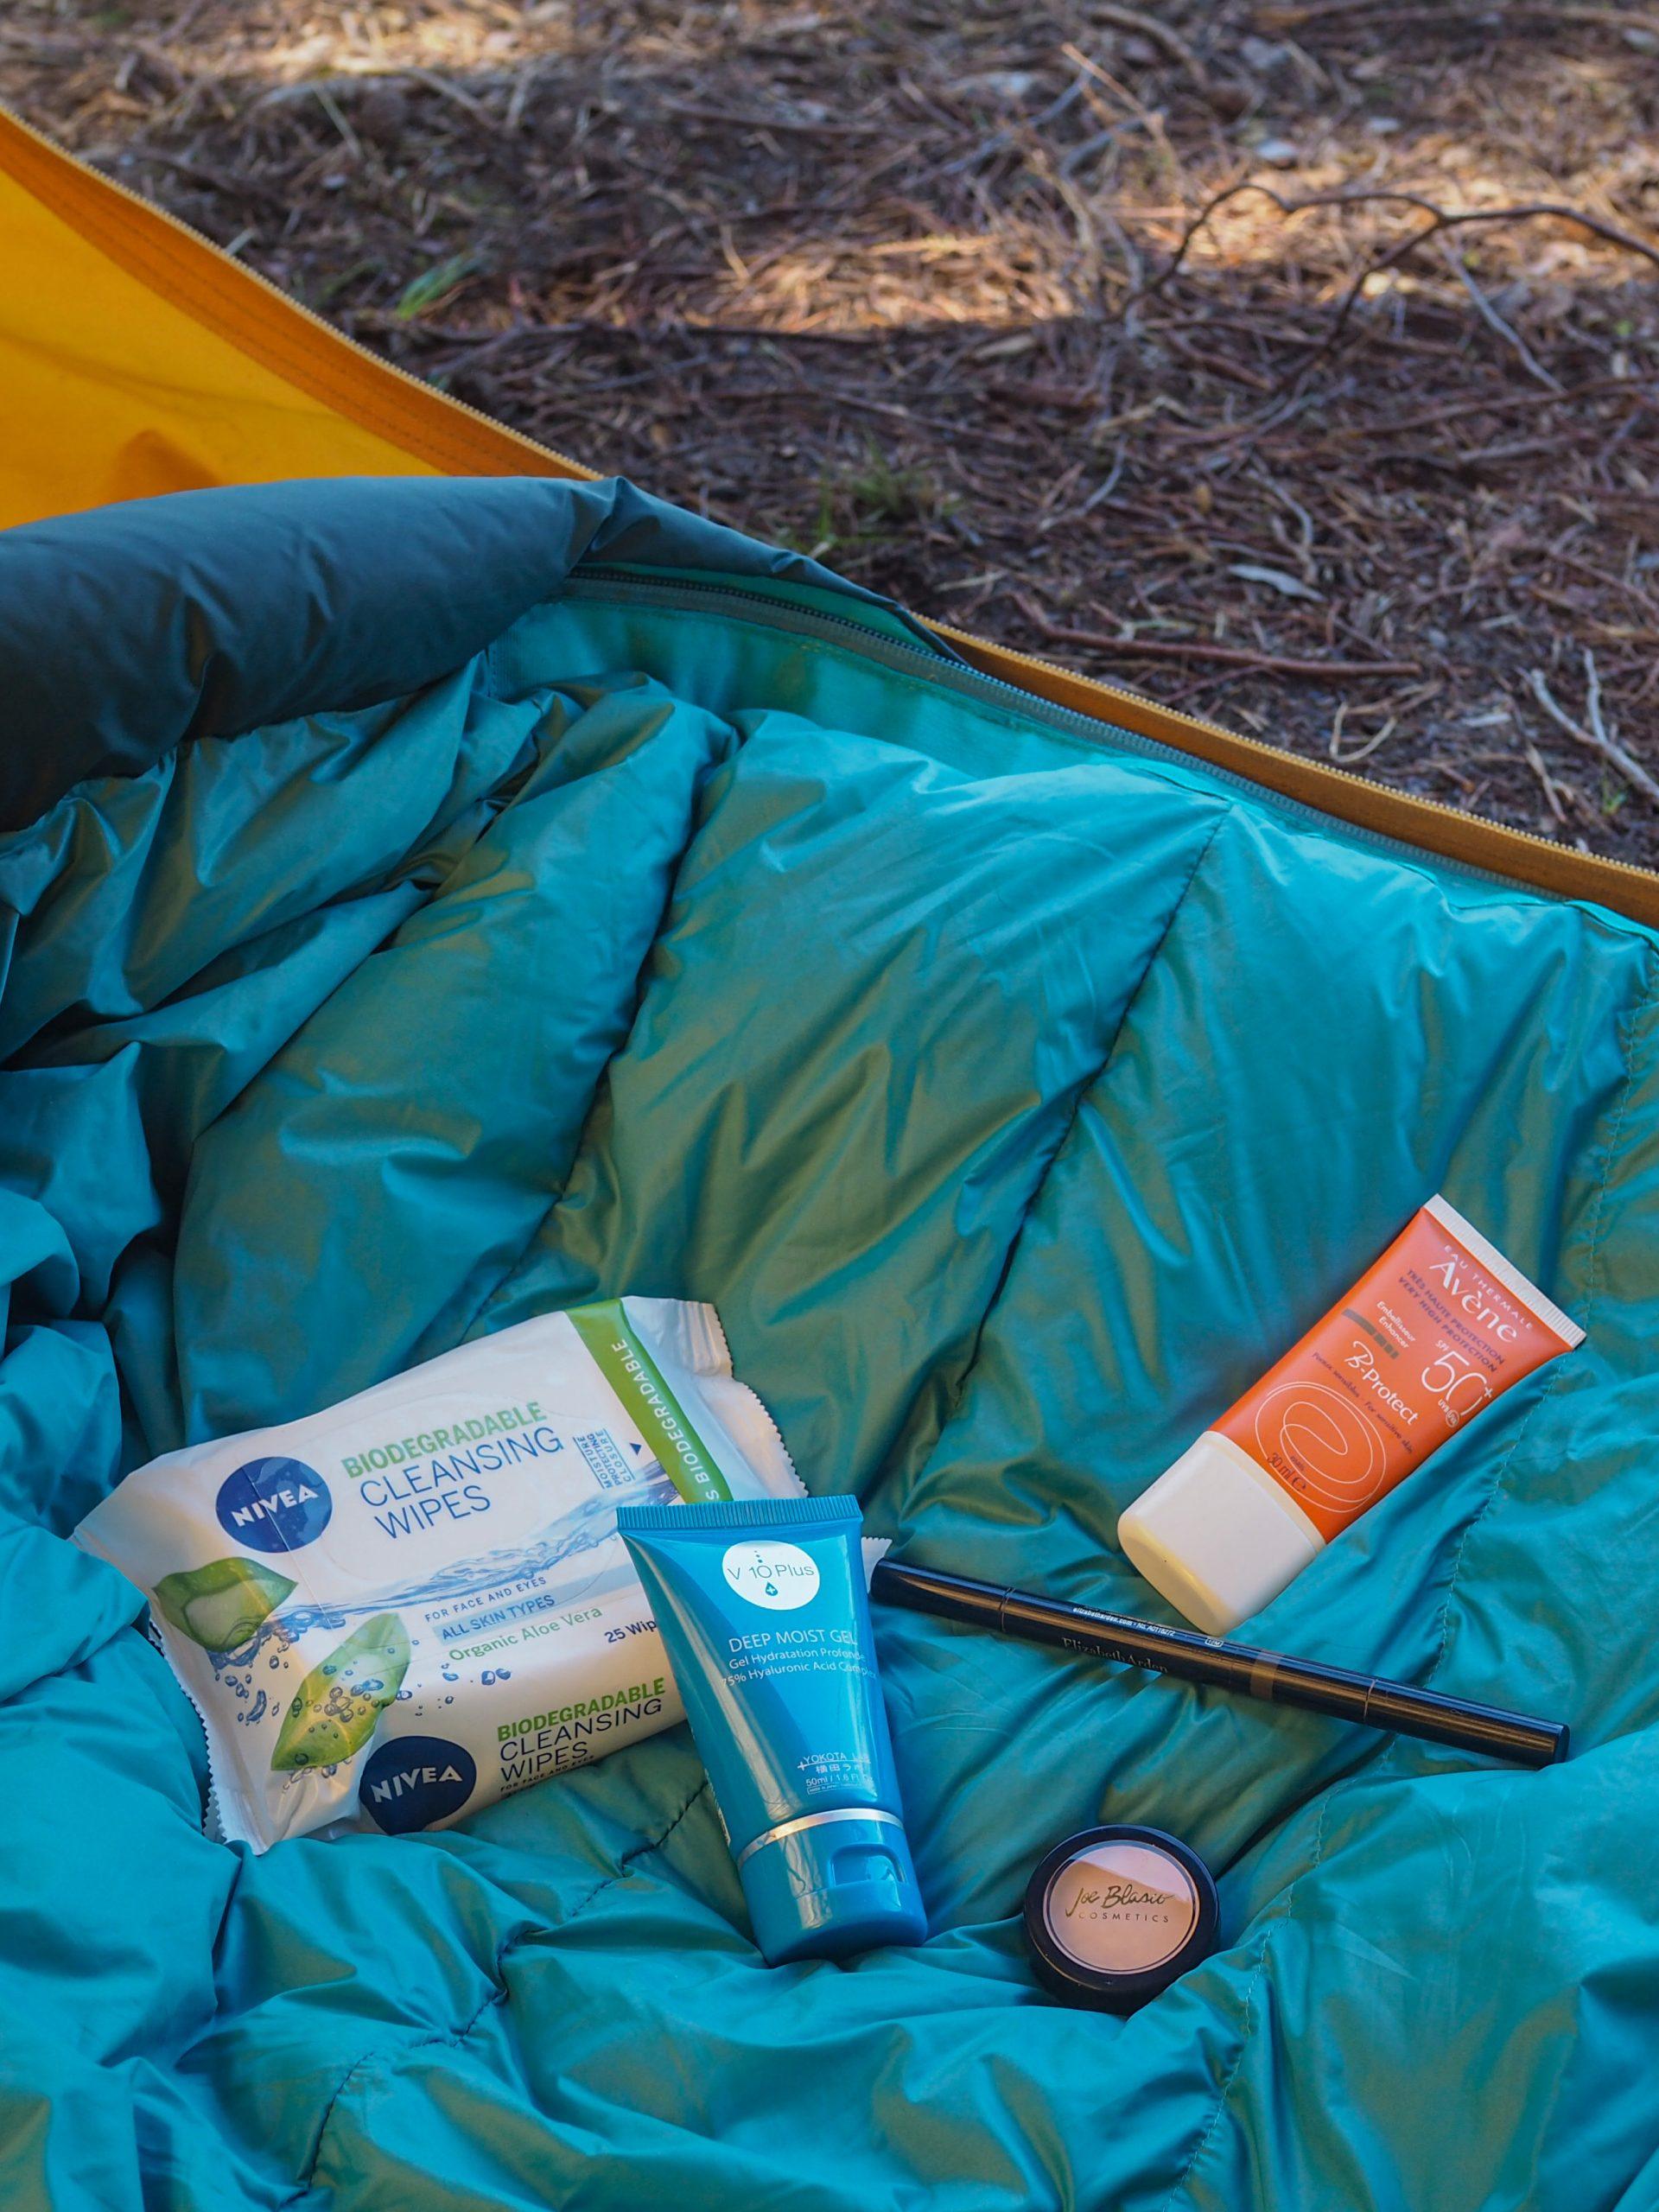 Puhdistusliinat, kosteusvoide, kulmakynä, peitevoide ja aurinkovoide makuupussin päällä teltassa